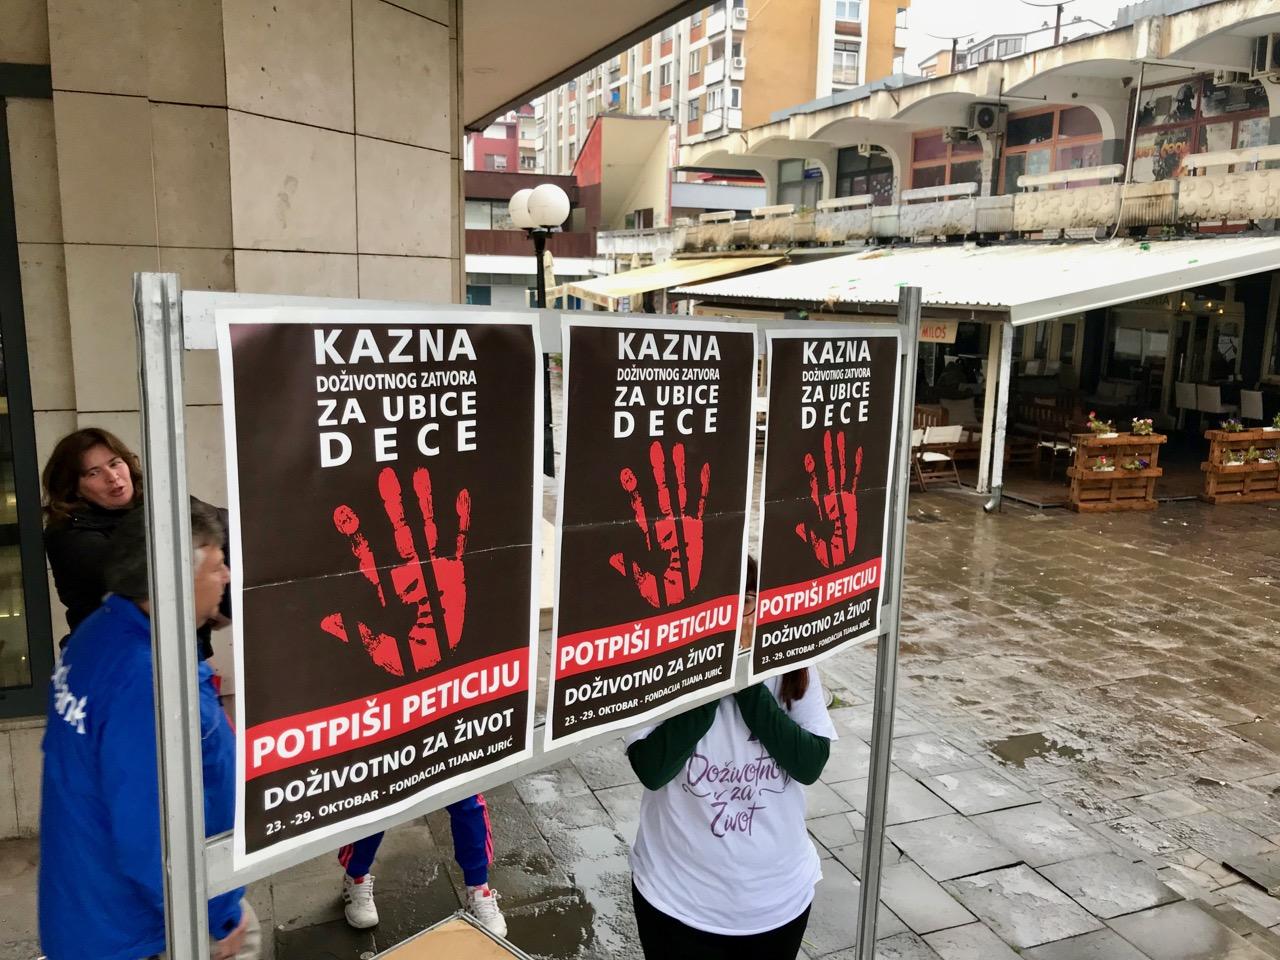 """Photo of Doživotni zatvor za ubice dece – akcija Fondacije """"Tijana Jurić"""""""